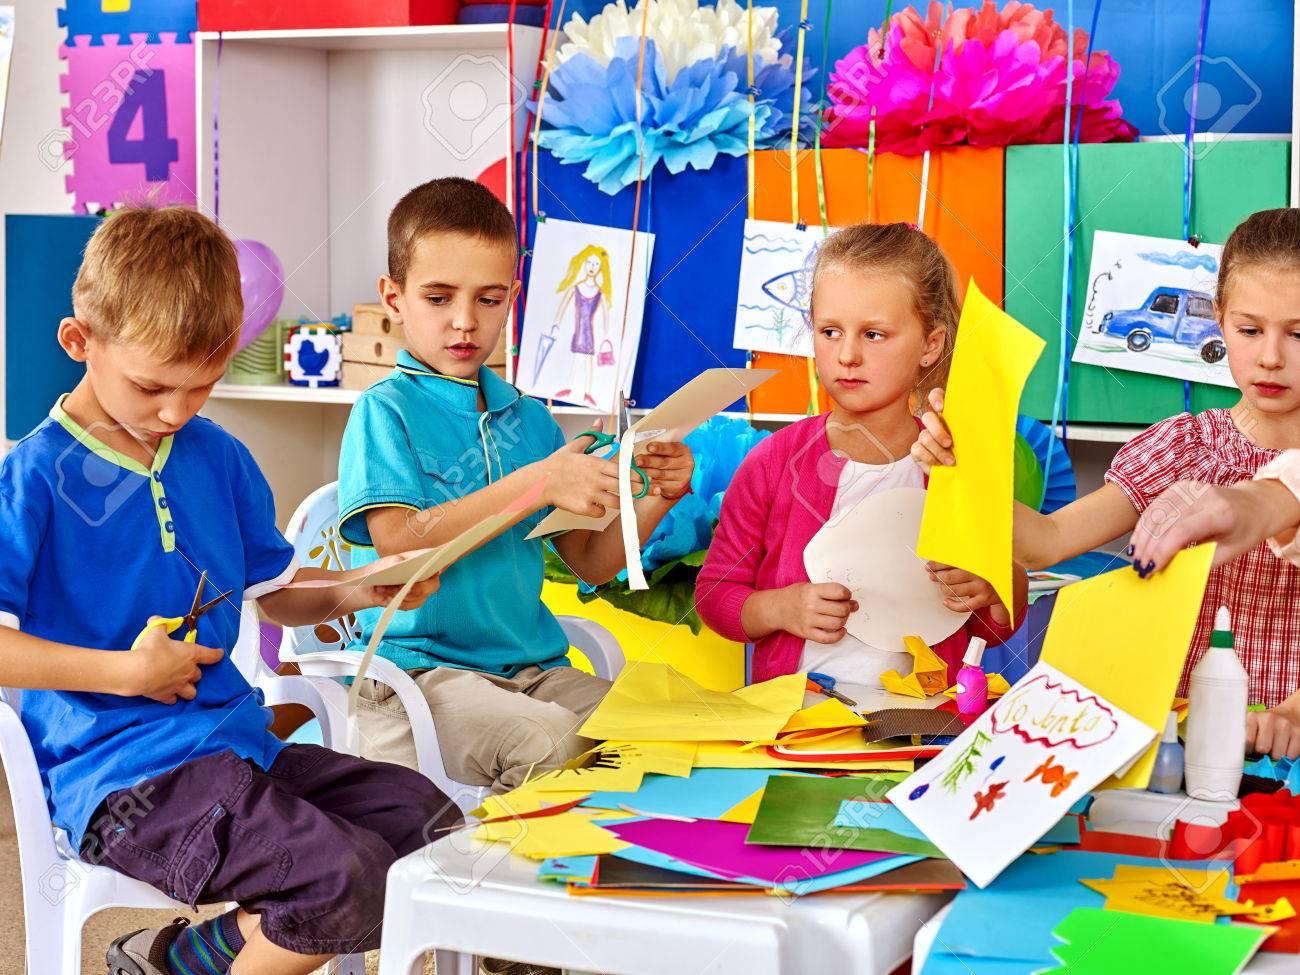 Bambini Gruppo Fanno Applique Di Carta Colorata Sul Tavolo In ...